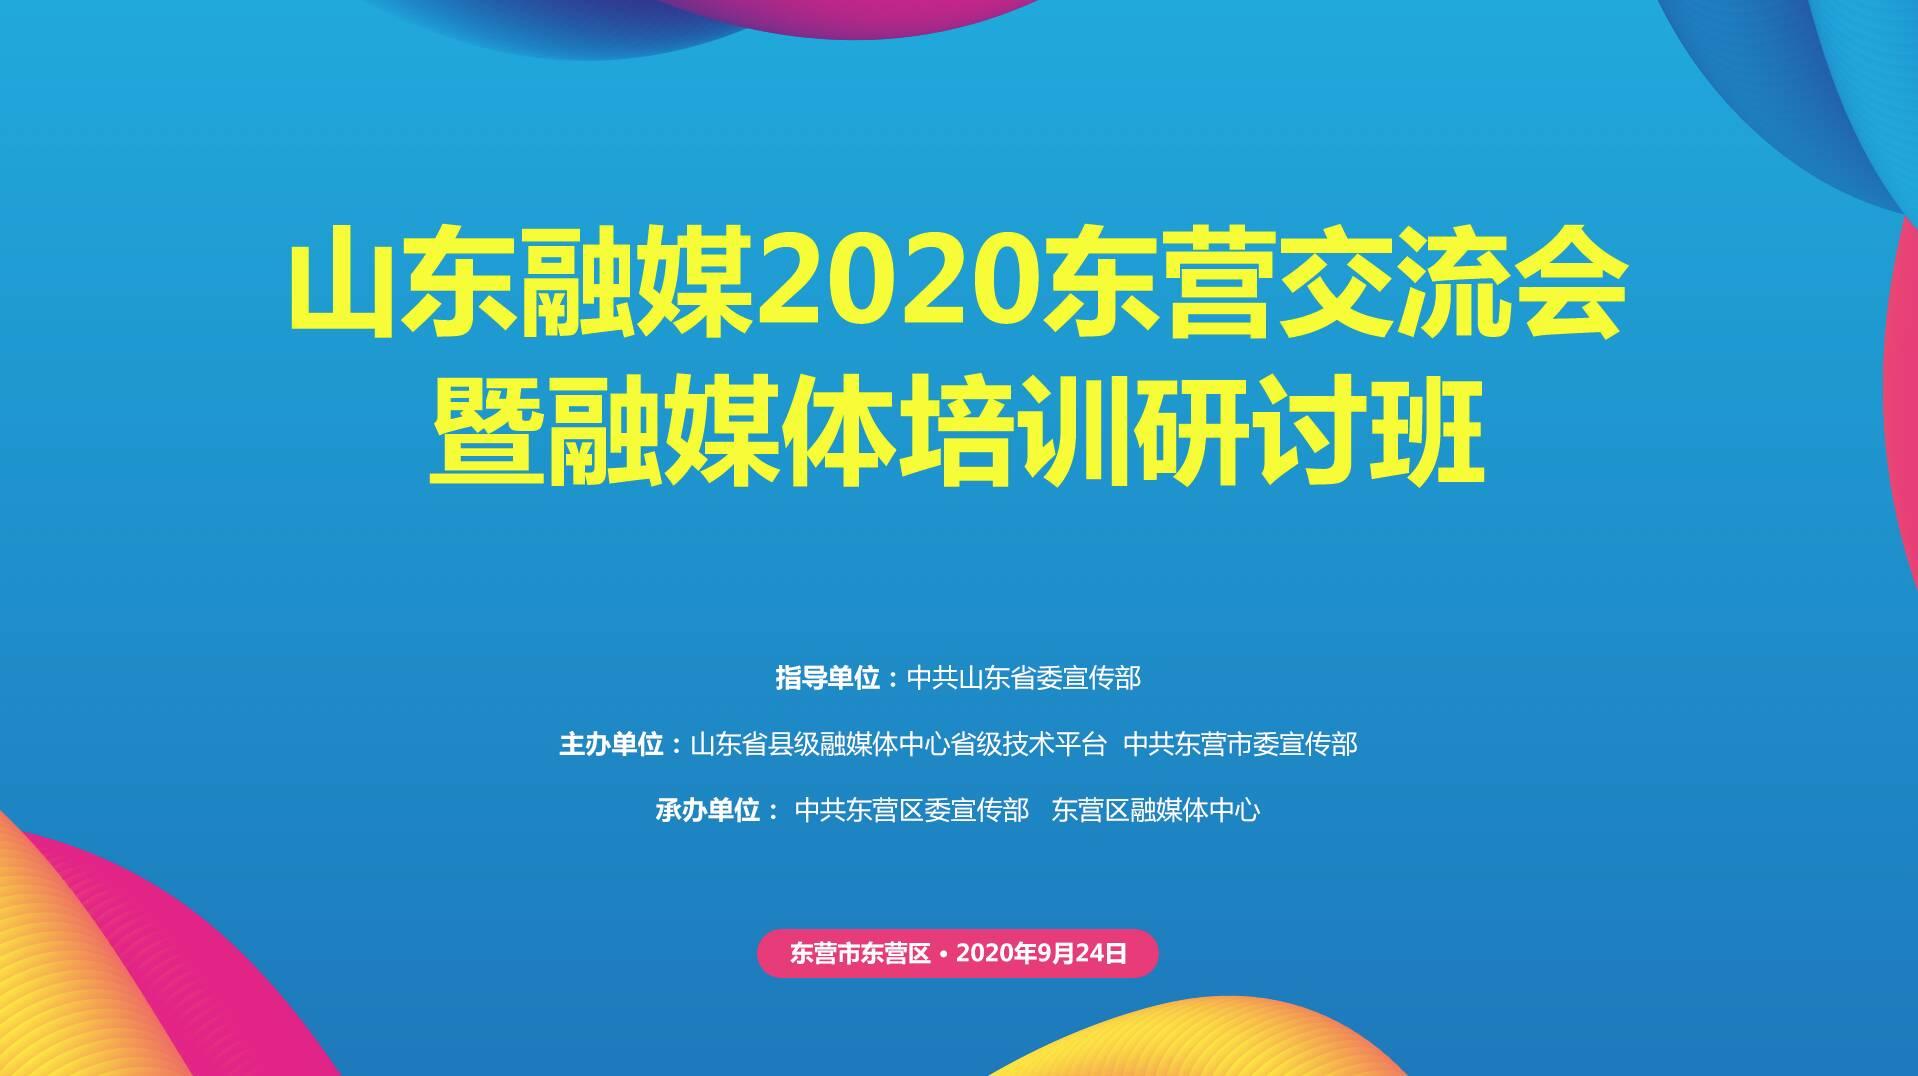 山东融媒2020东营交流会暨融媒体培训研讨班在东营区举办